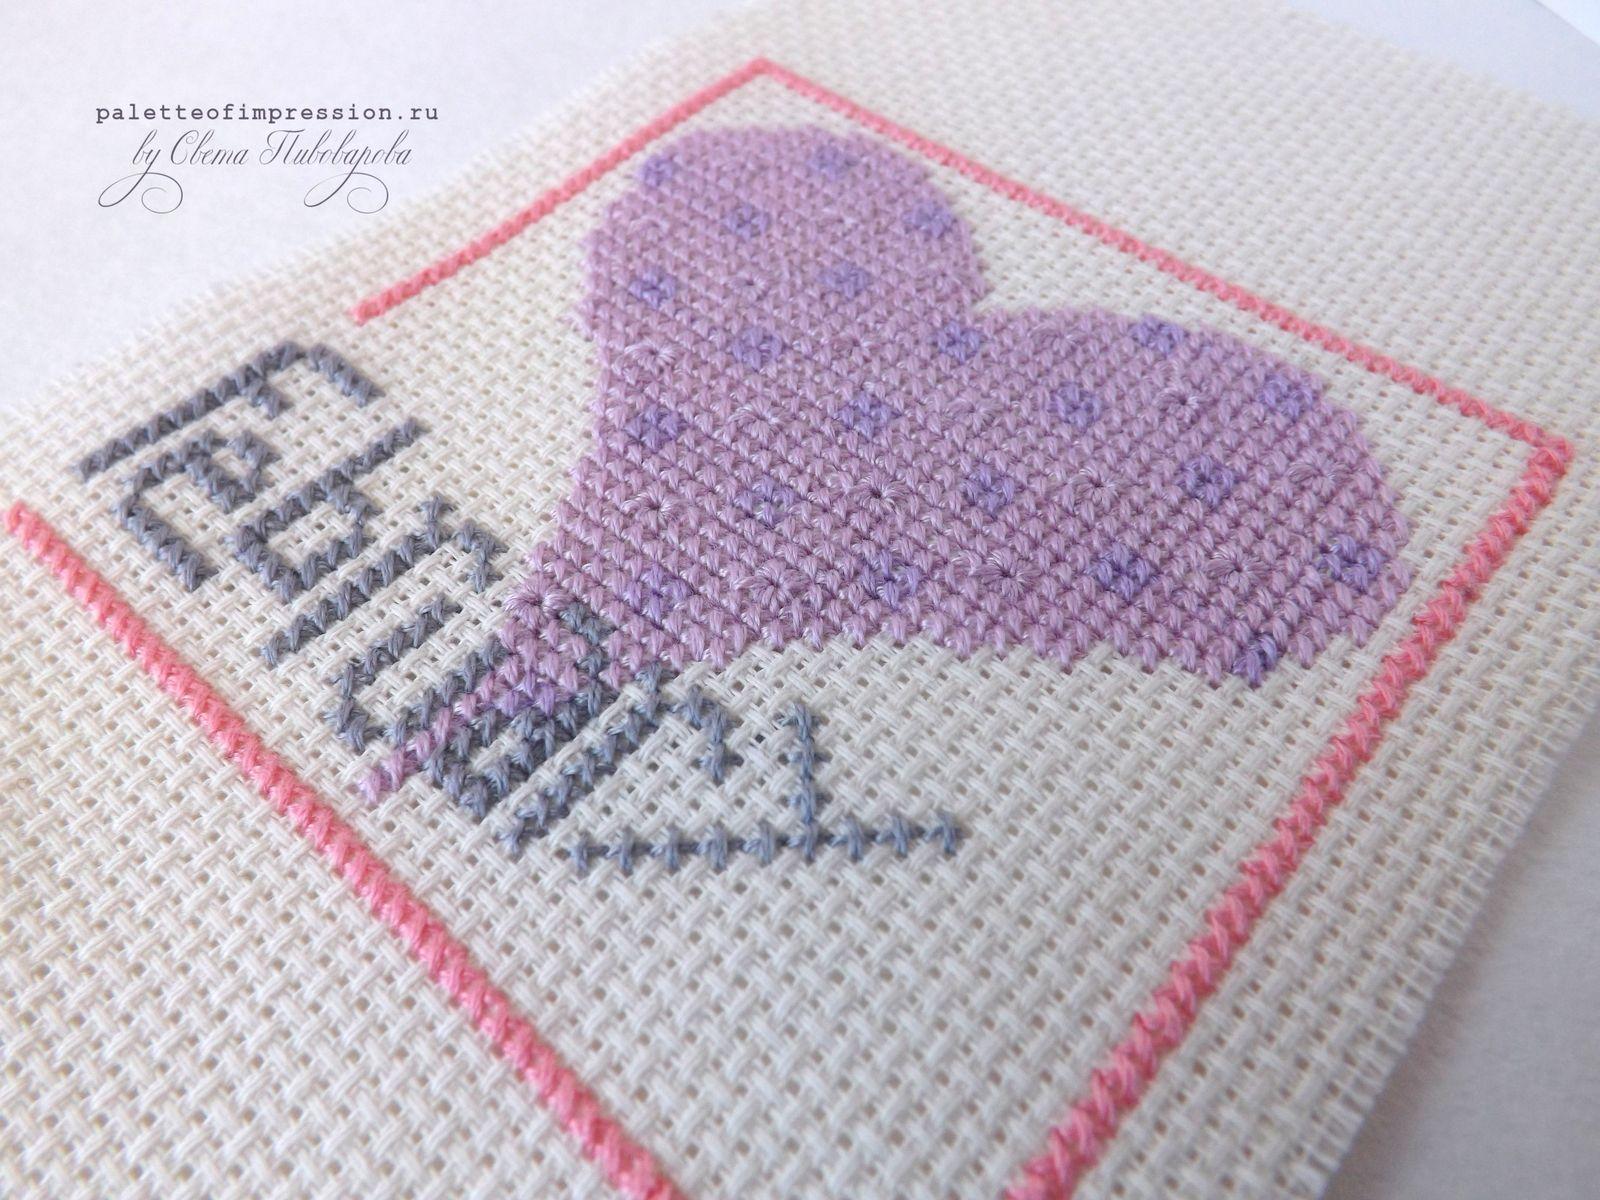 Вышитый календарь: февраль. Зефирное сердечко. Счетный крести.